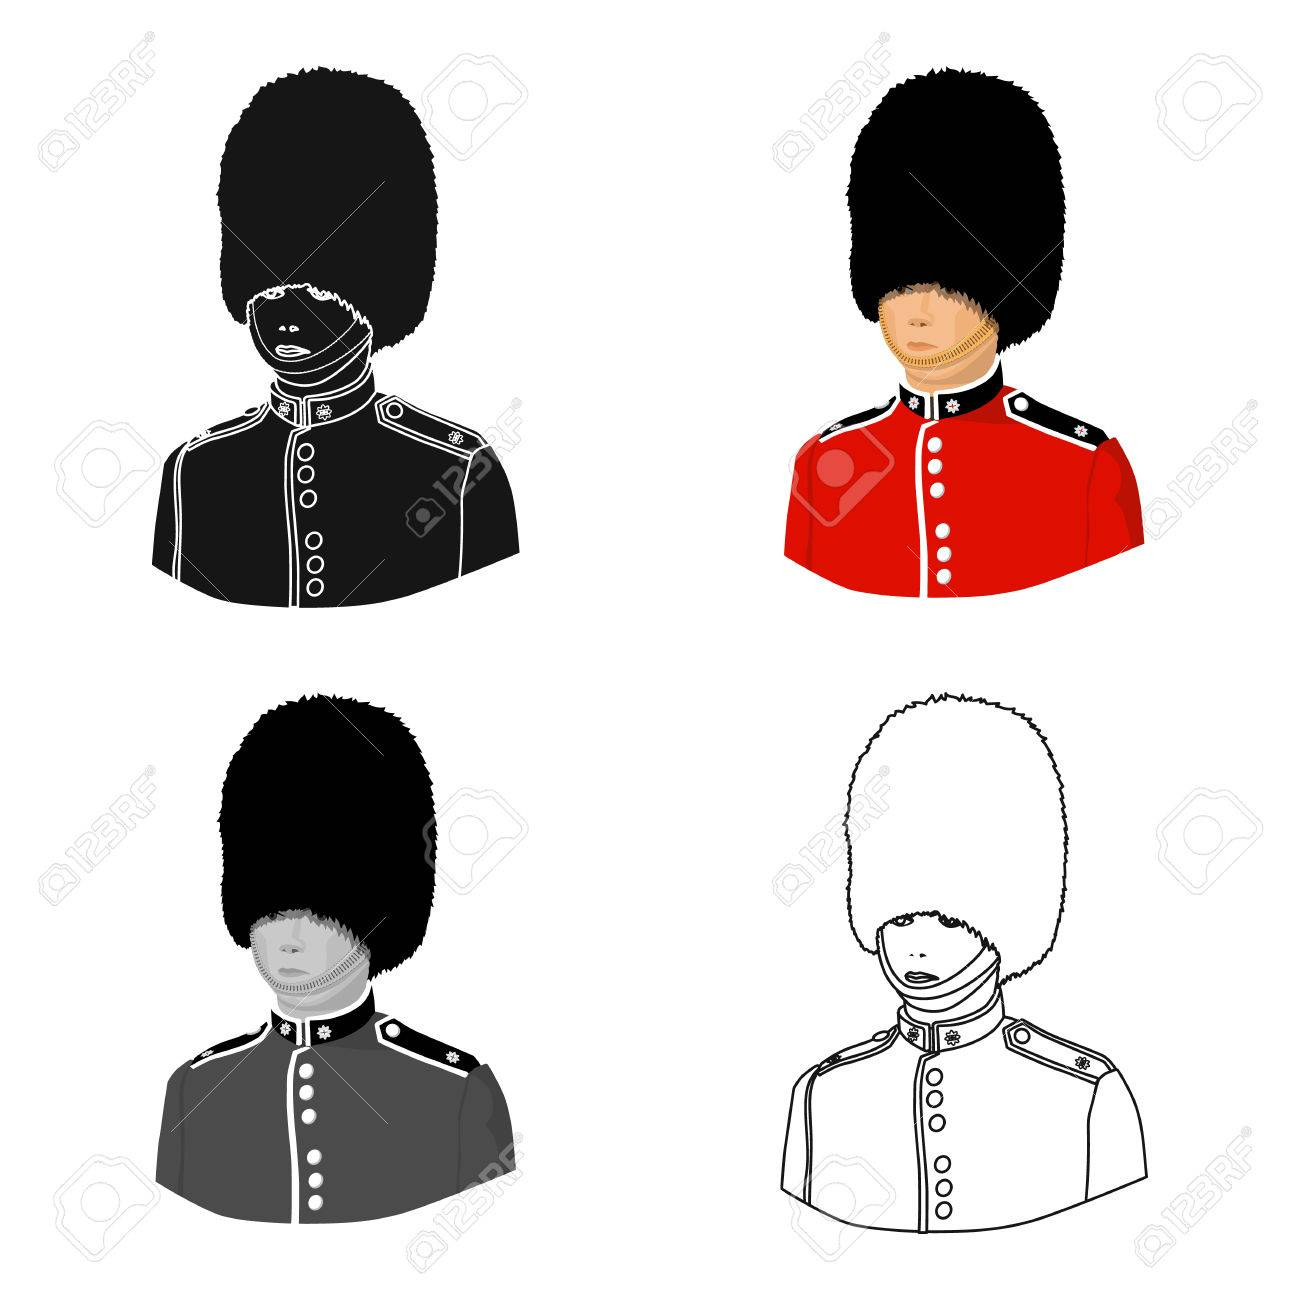 L'icône De Garde De La Reine Dans Le Style De Dessin Animé Isolé Sur Fond  Blanc. Angleterre Country Symbol Illustration Vectorielle. avec Dessin De Angleterre